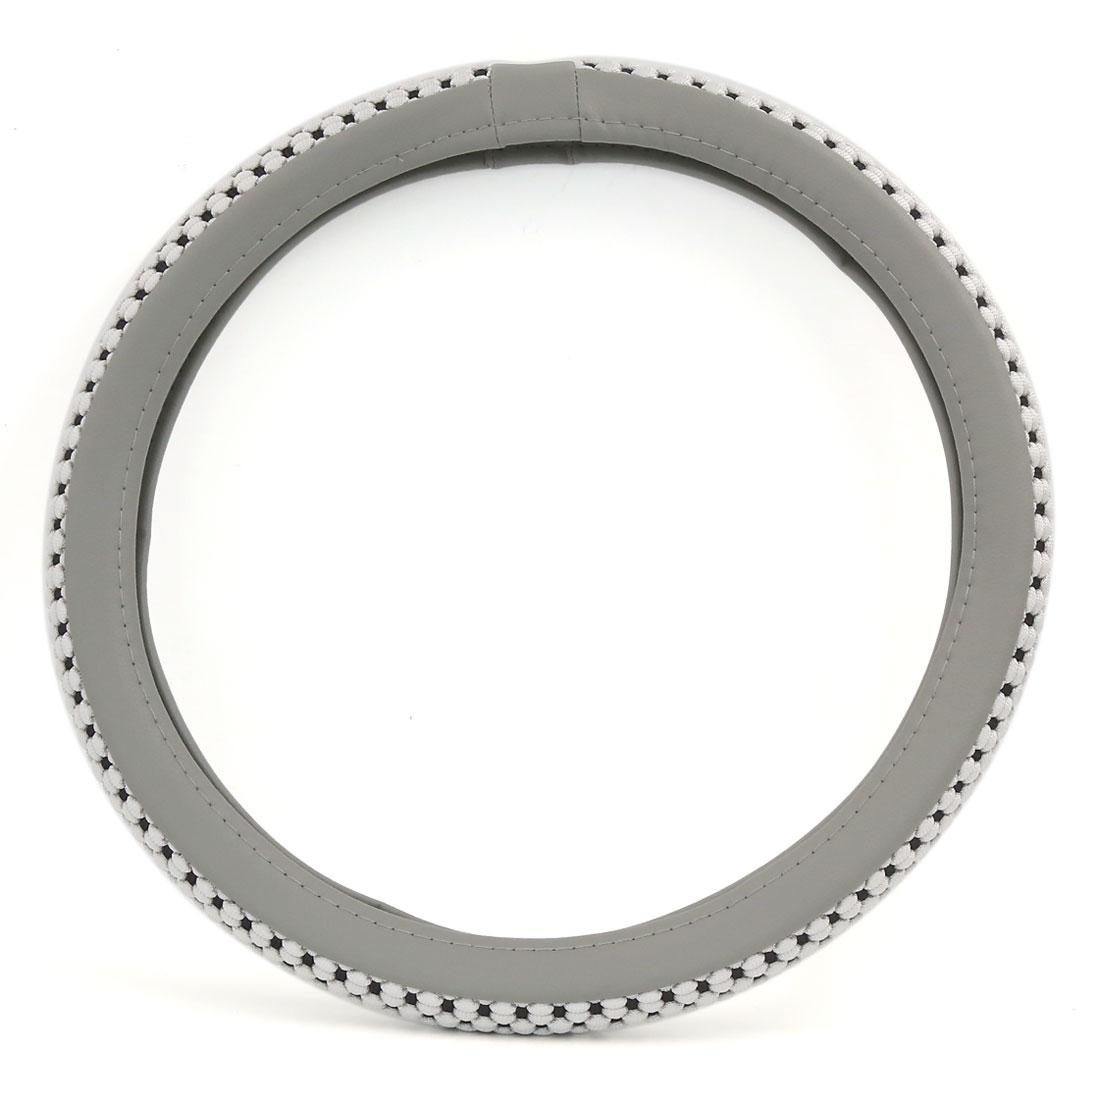 38cm Outer 30cm Inner Dia Comfort Durability Antislip Steering Wheel Cover Gray